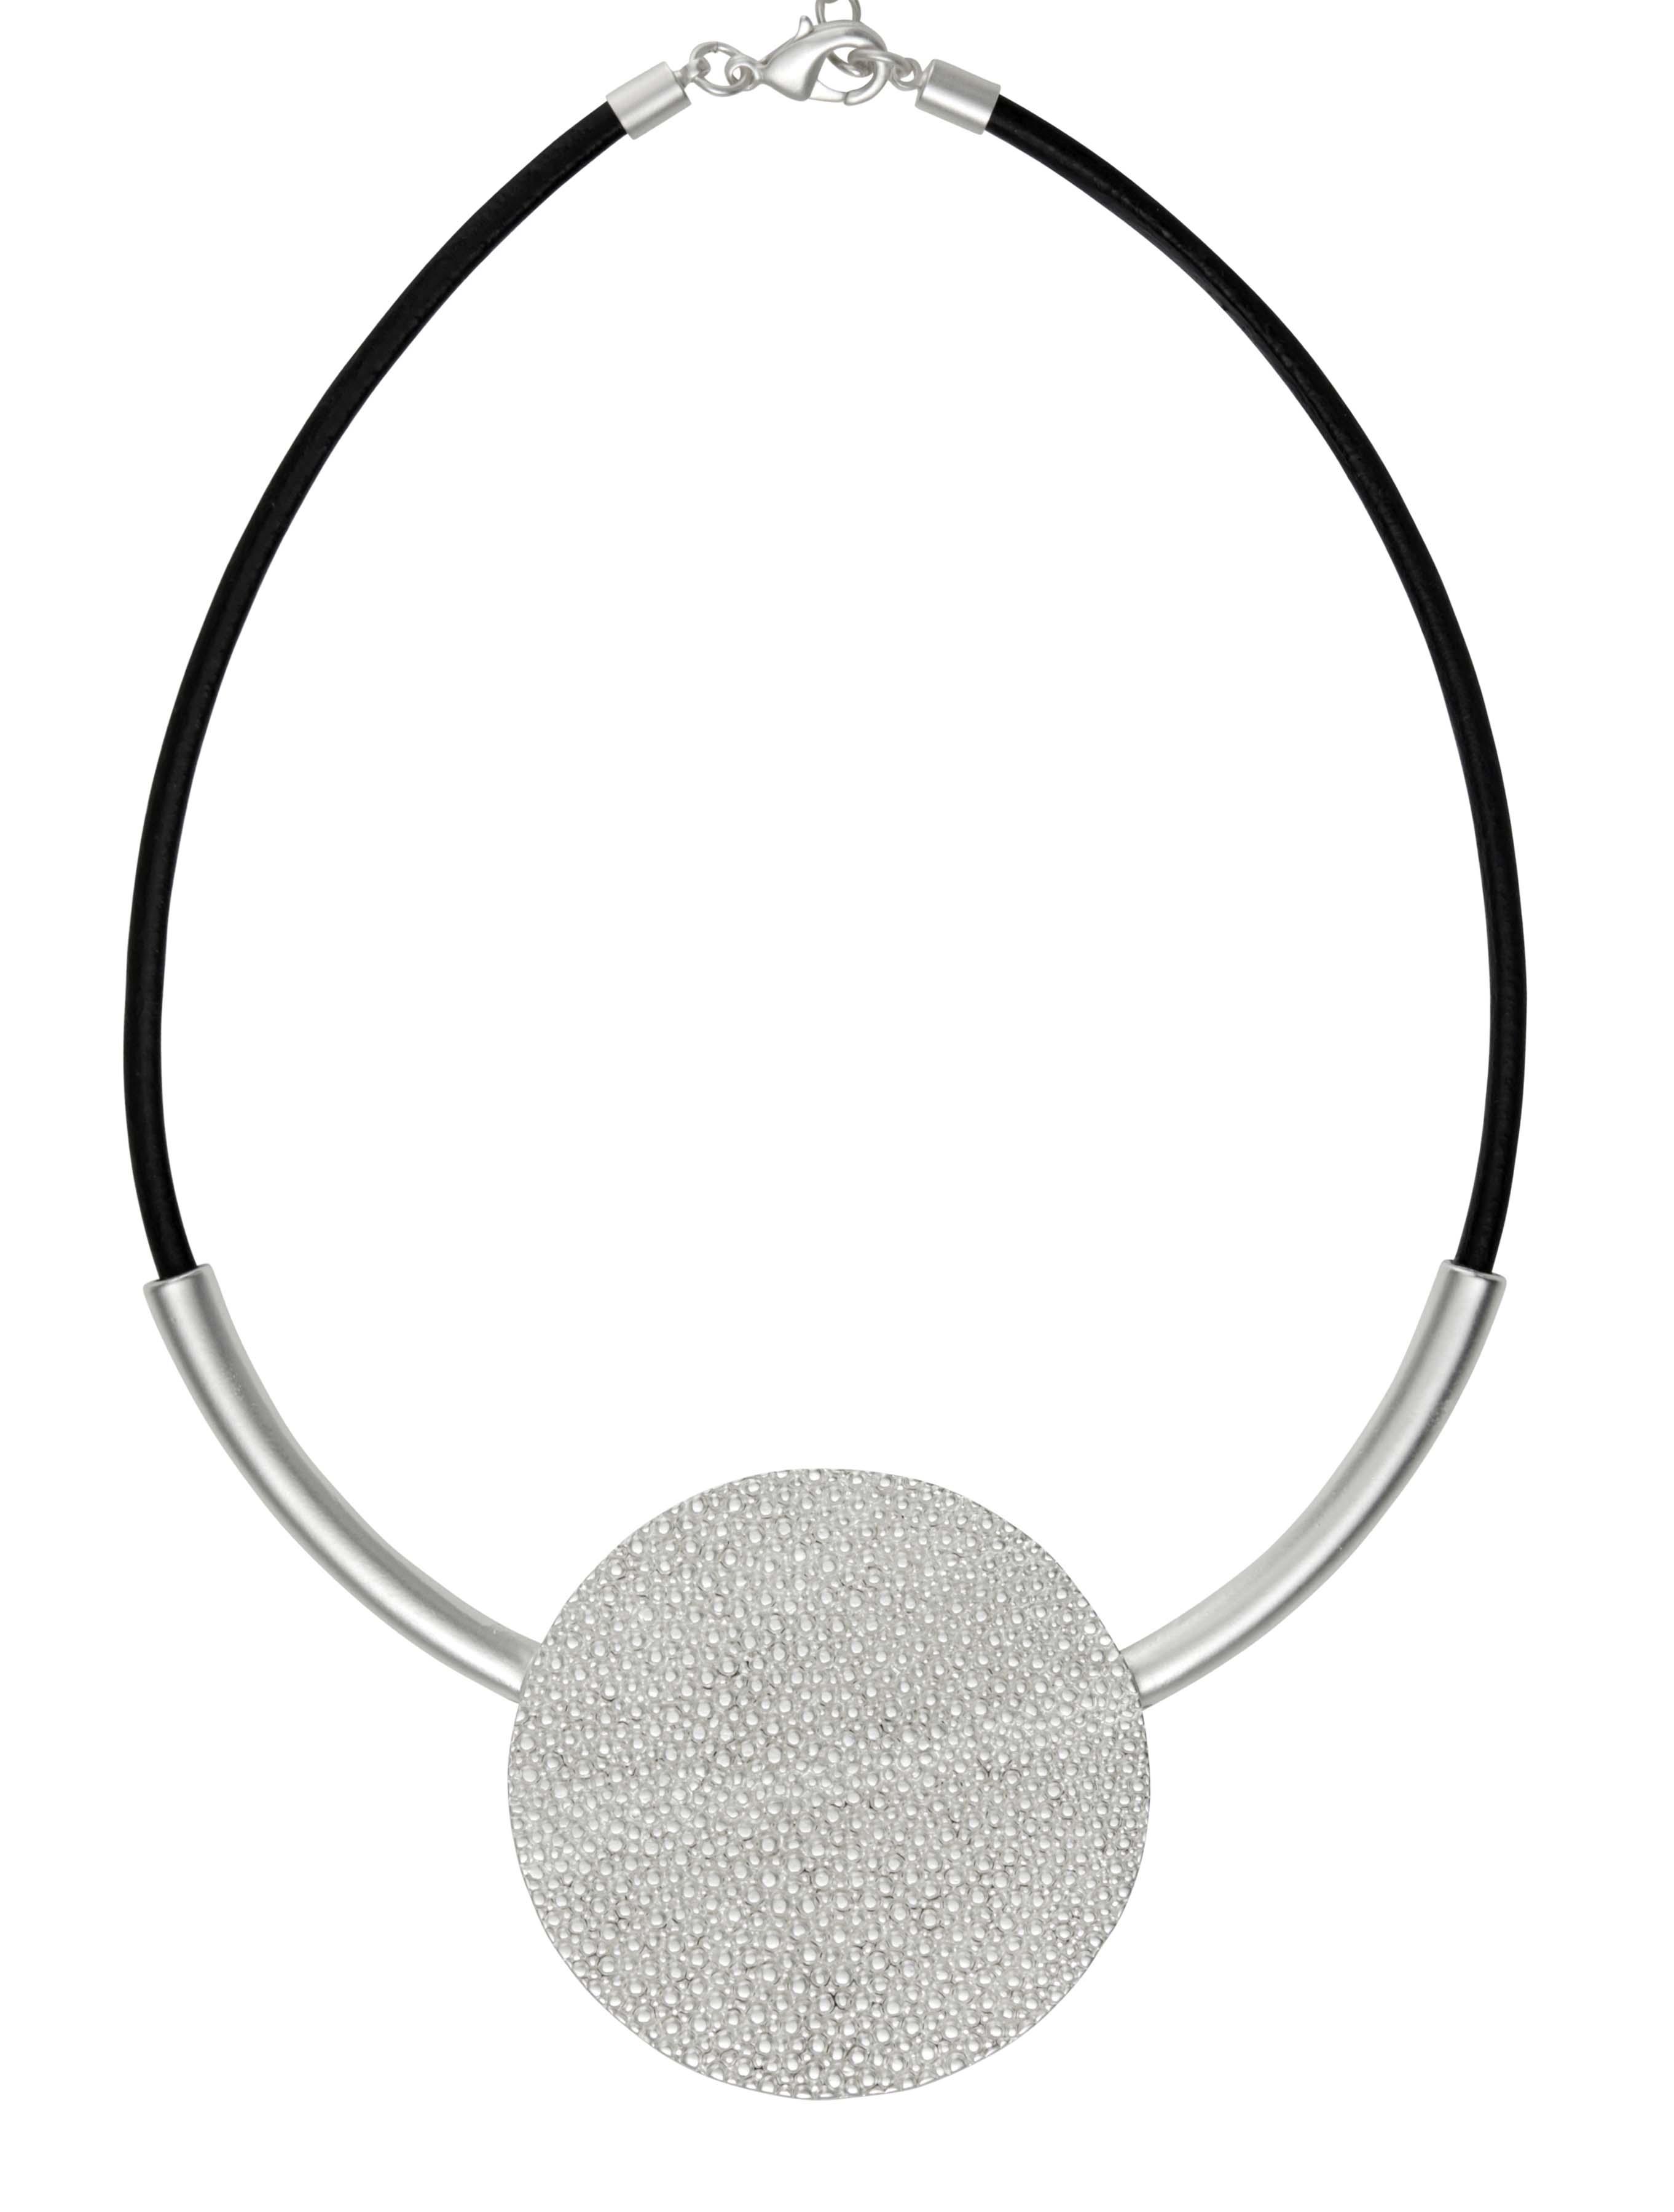 Колье(9C181)Shirley<br>Дания, Dansk Smykkekunst<br><br>Гипоаллергенный сплав, покрытый серебром; кожа<br><br>Длина колье 45 см<br>